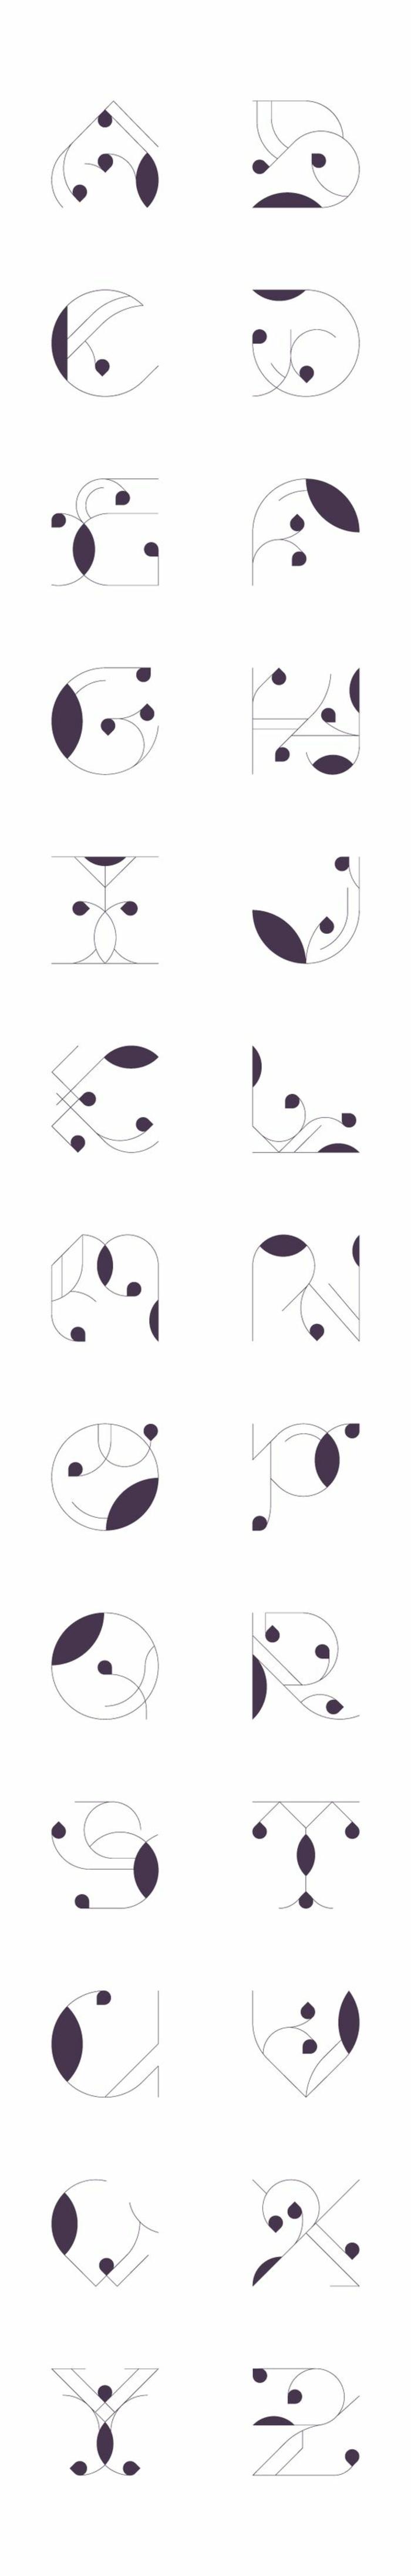 tatuajes frases, idea de fuente para tatuajes artística en blanco y negro, plantilla de todas las letras del alfabeto